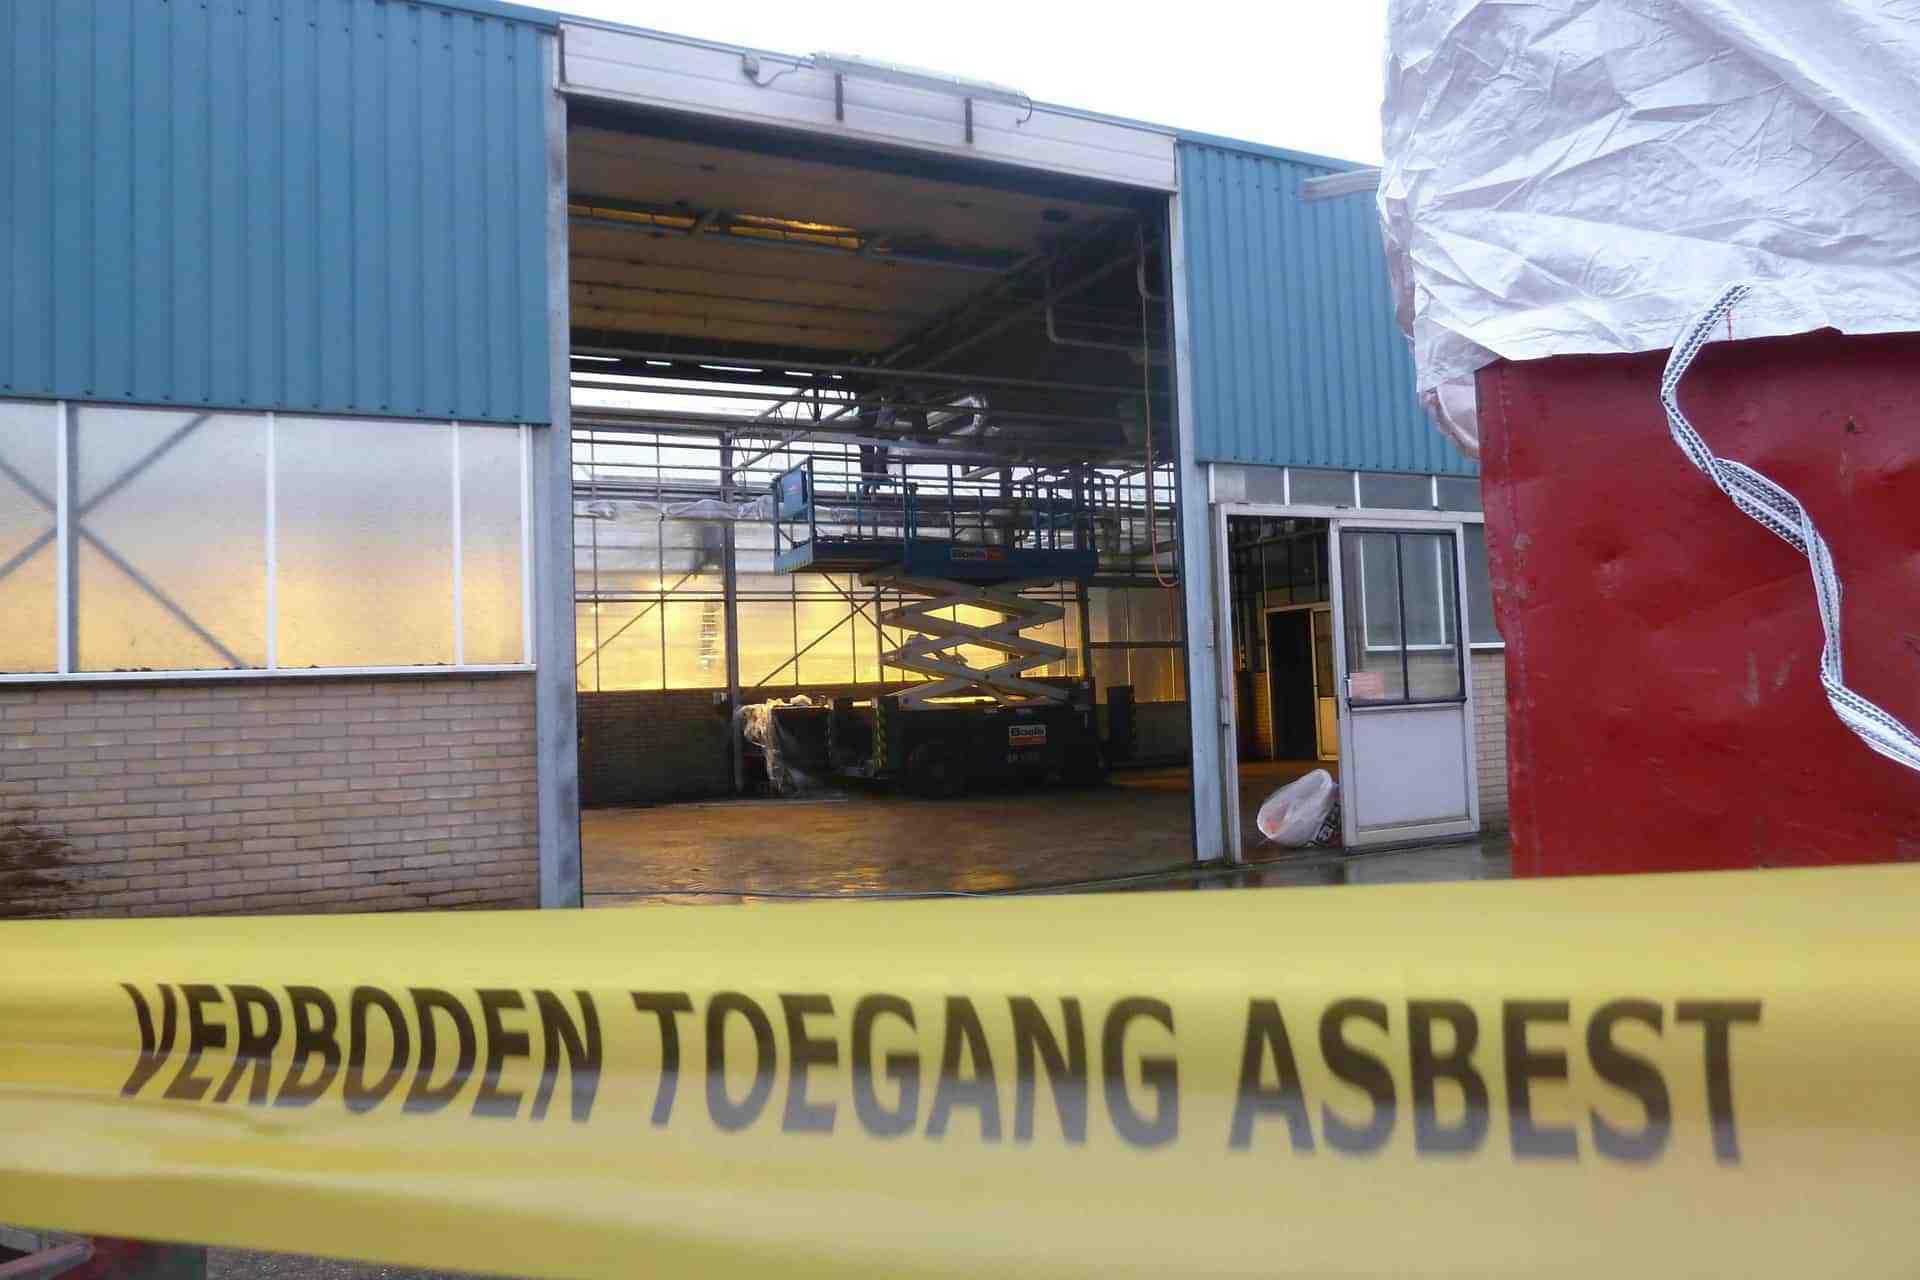 Asbest verwijderen van uw bedrijfspand? Wij verwijderen asbest van uw kas, loods, schuur of stal al binnen 2 dagen!